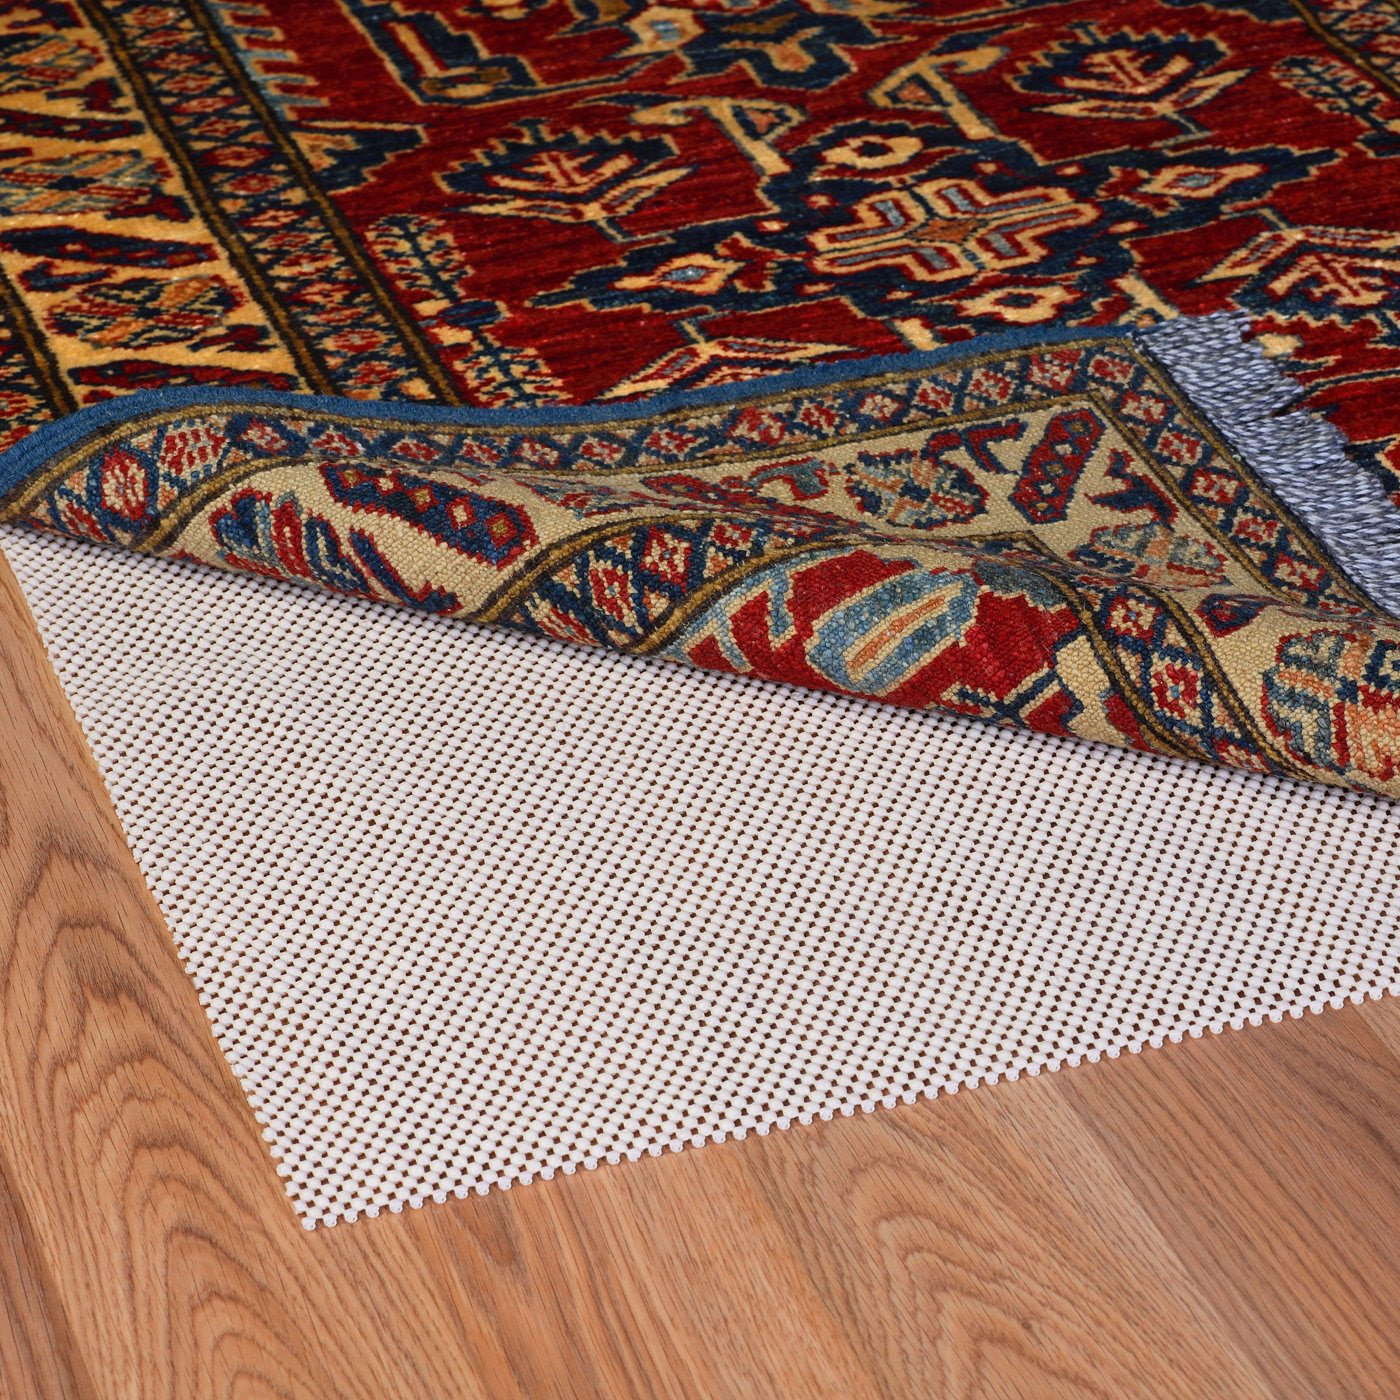 Safest Types of Rug Pad for Hardwood Floors – HomesFeed